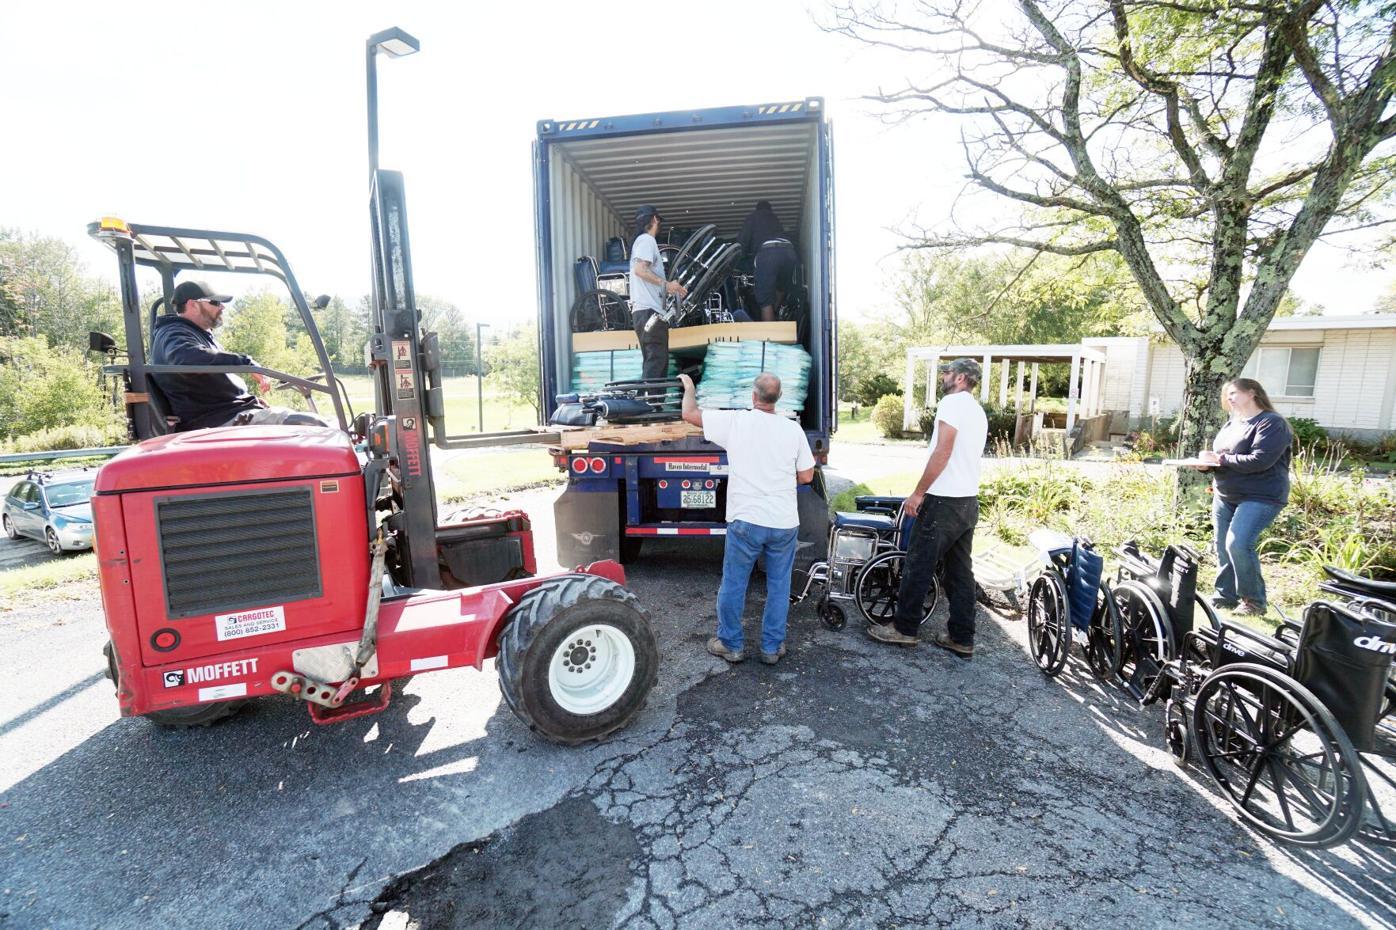 Mudanzas empacan contenedores de envío